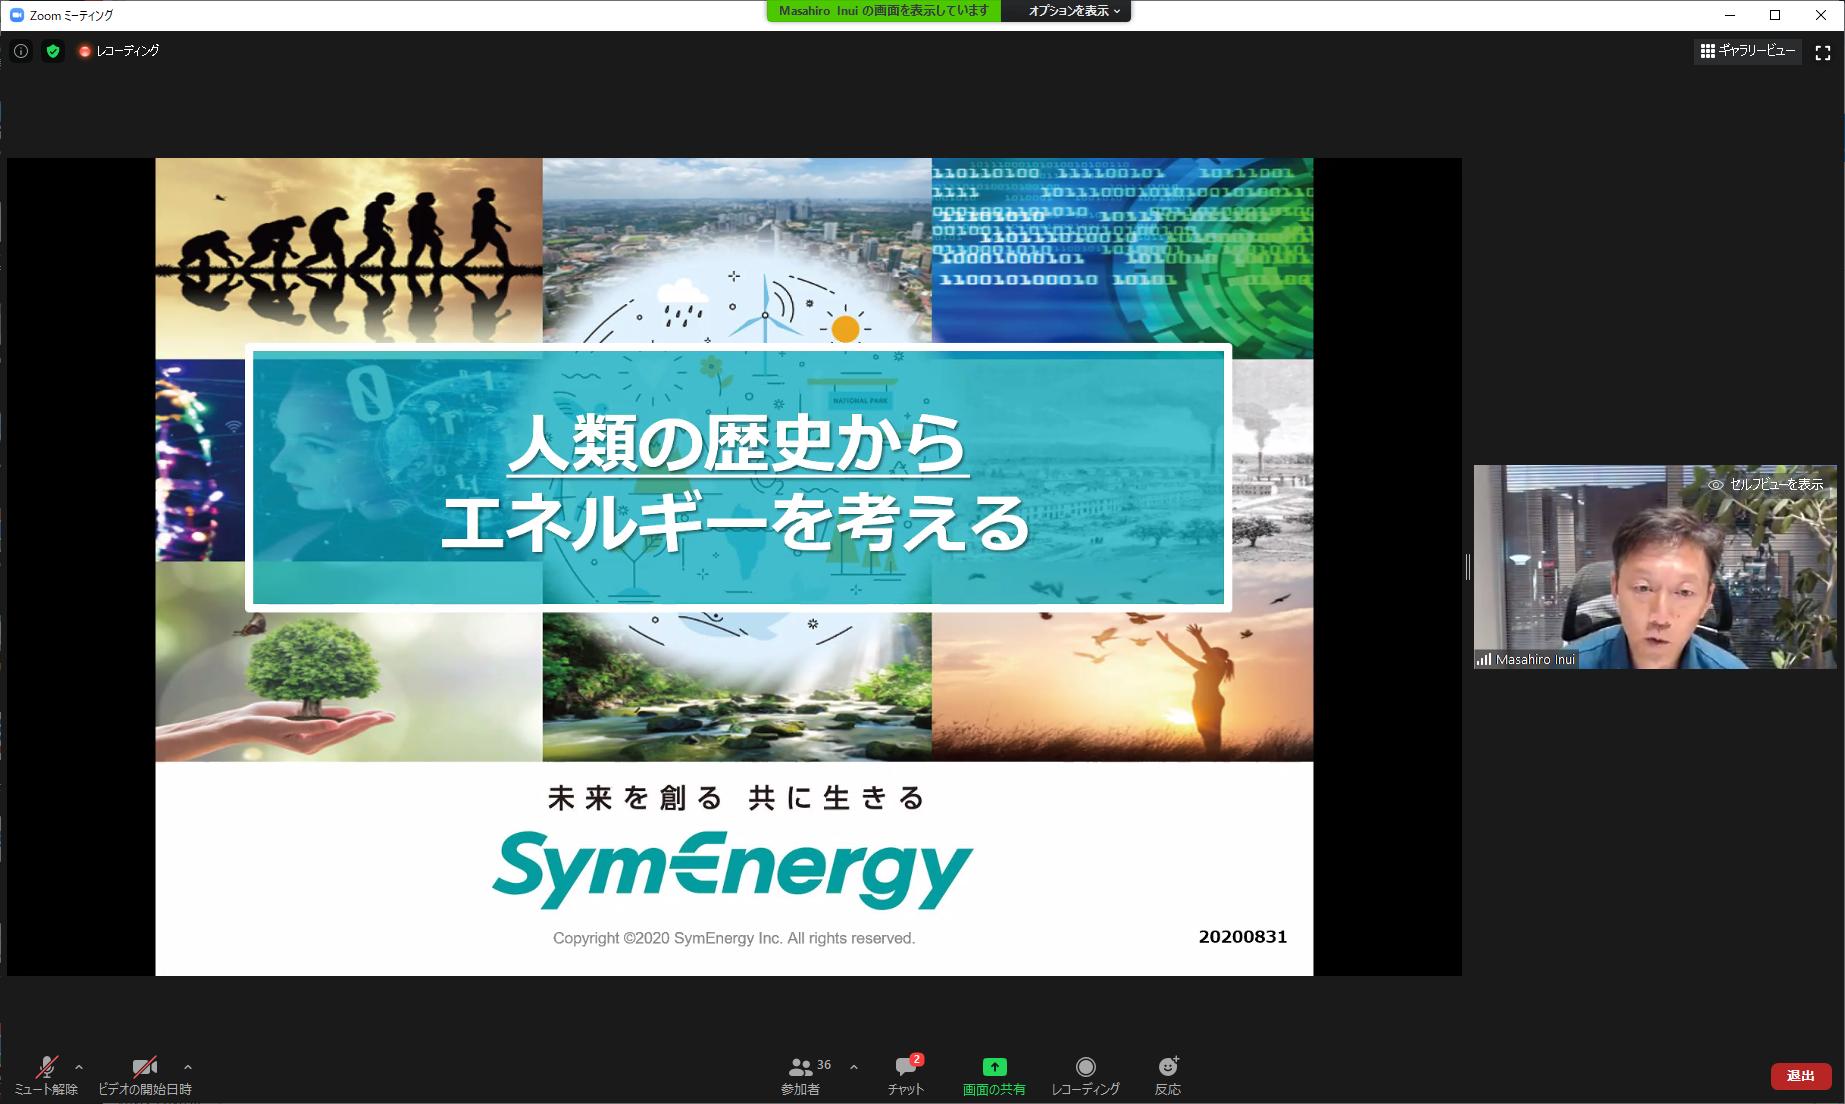 京都大学再エネ講座研究会で講演しました(オンライン)